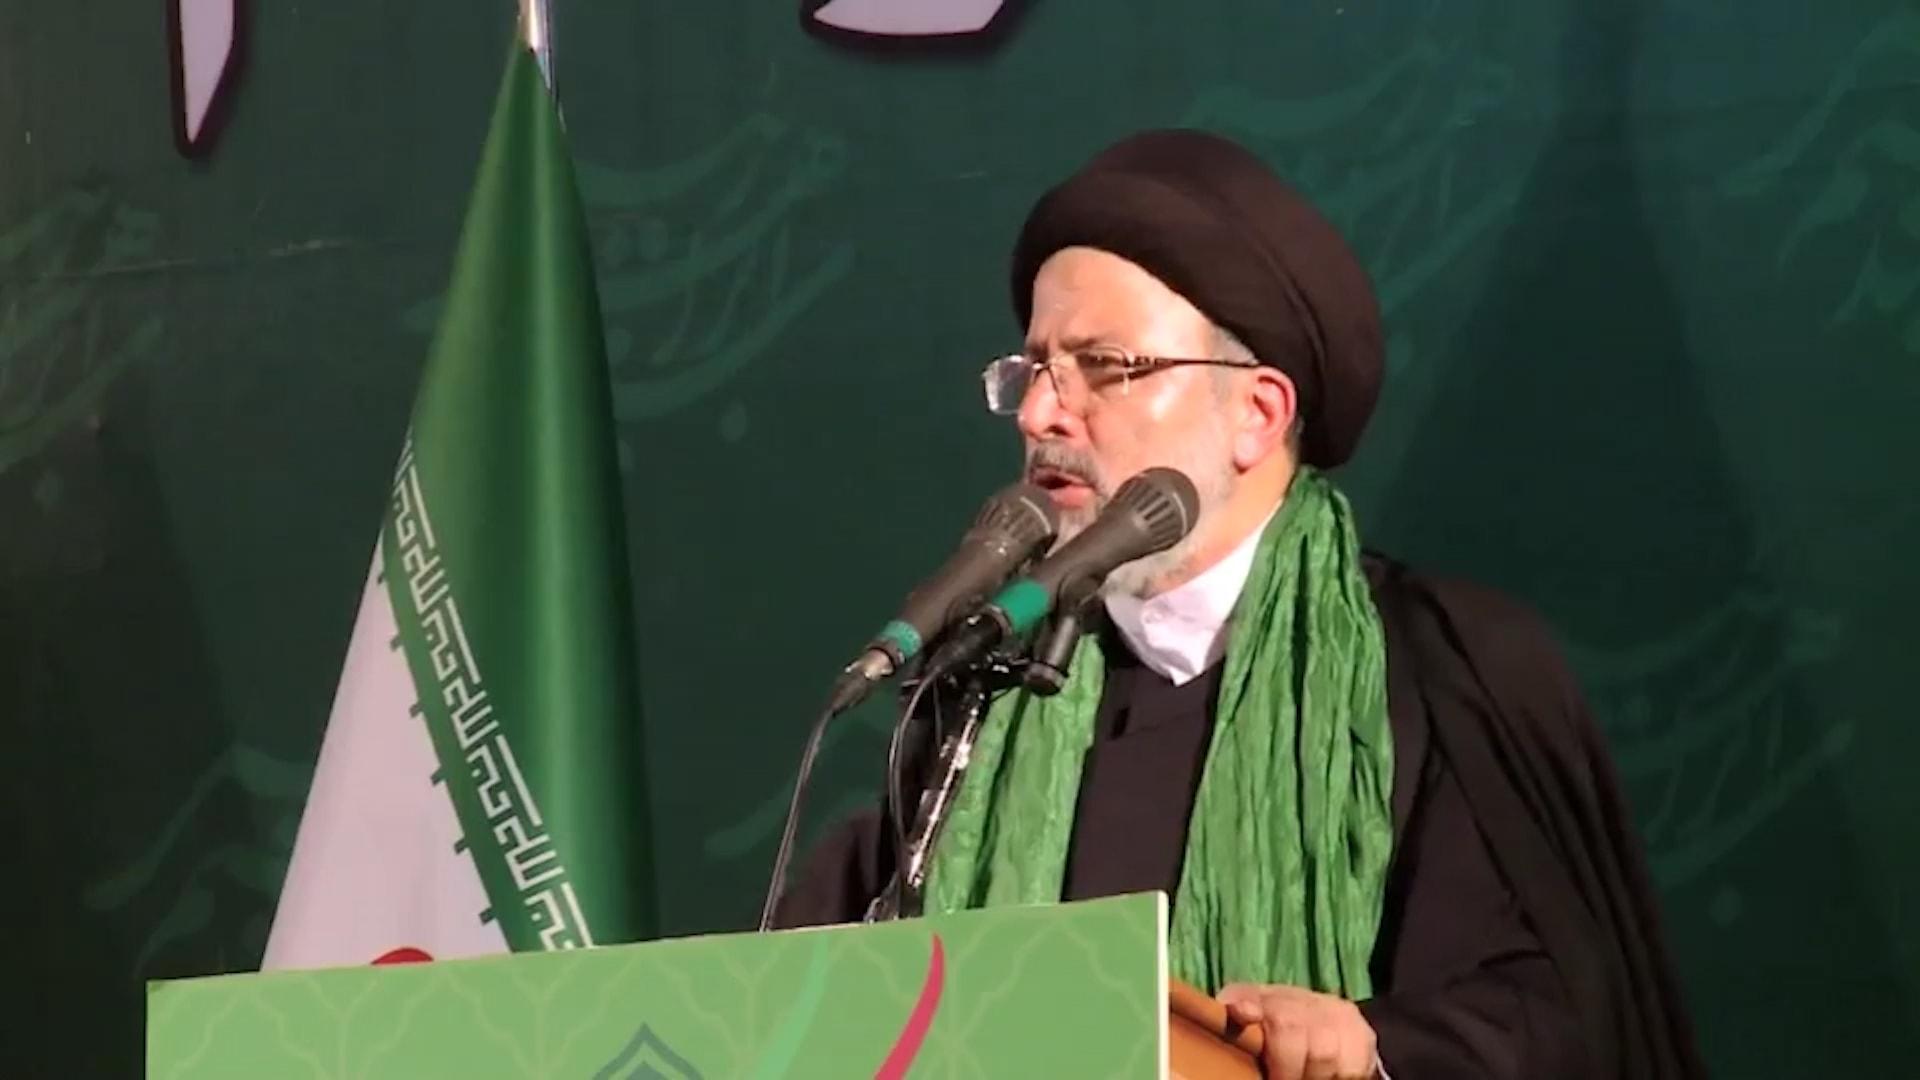 بعد فوزه برئاسة إيران.. كيف سيتعامل إبراهيم رئيسي مع تعثر الاقتصاد والعقوبات؟